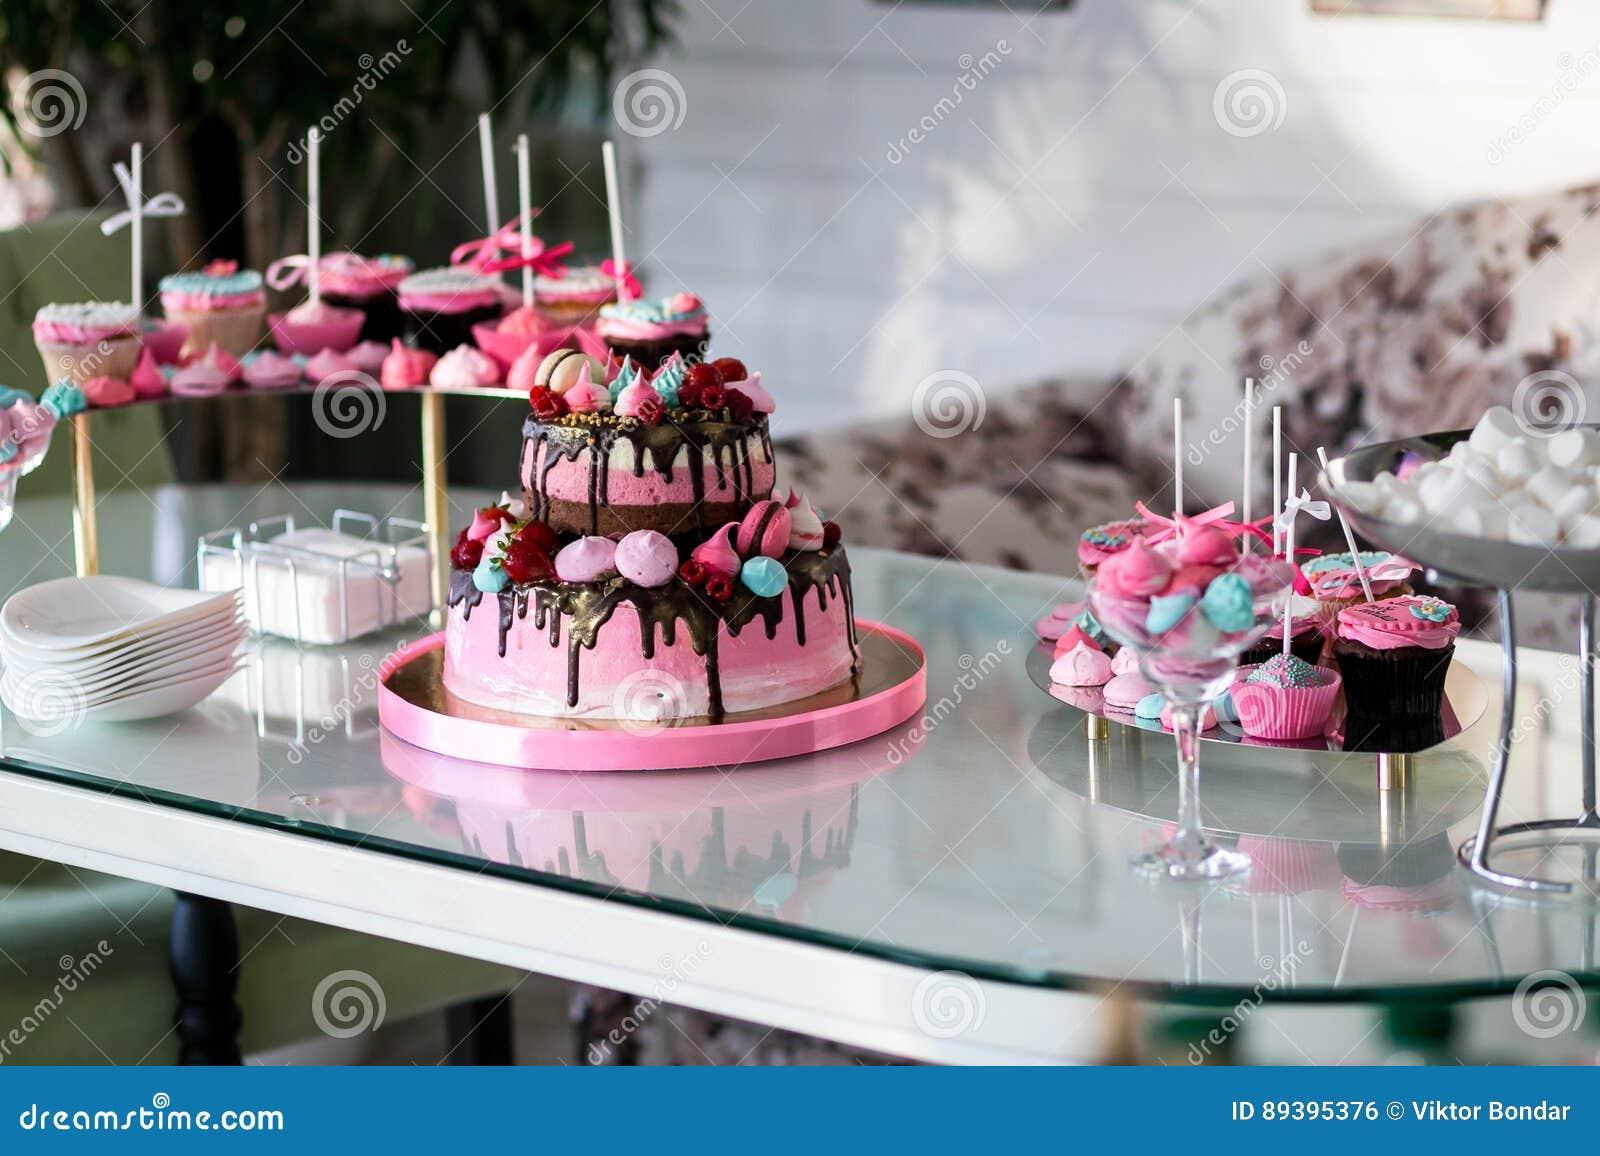 Tavolo Compleanno Bambina : Tavola di banchetto per un banchetto in un ristorante il dolce rosa